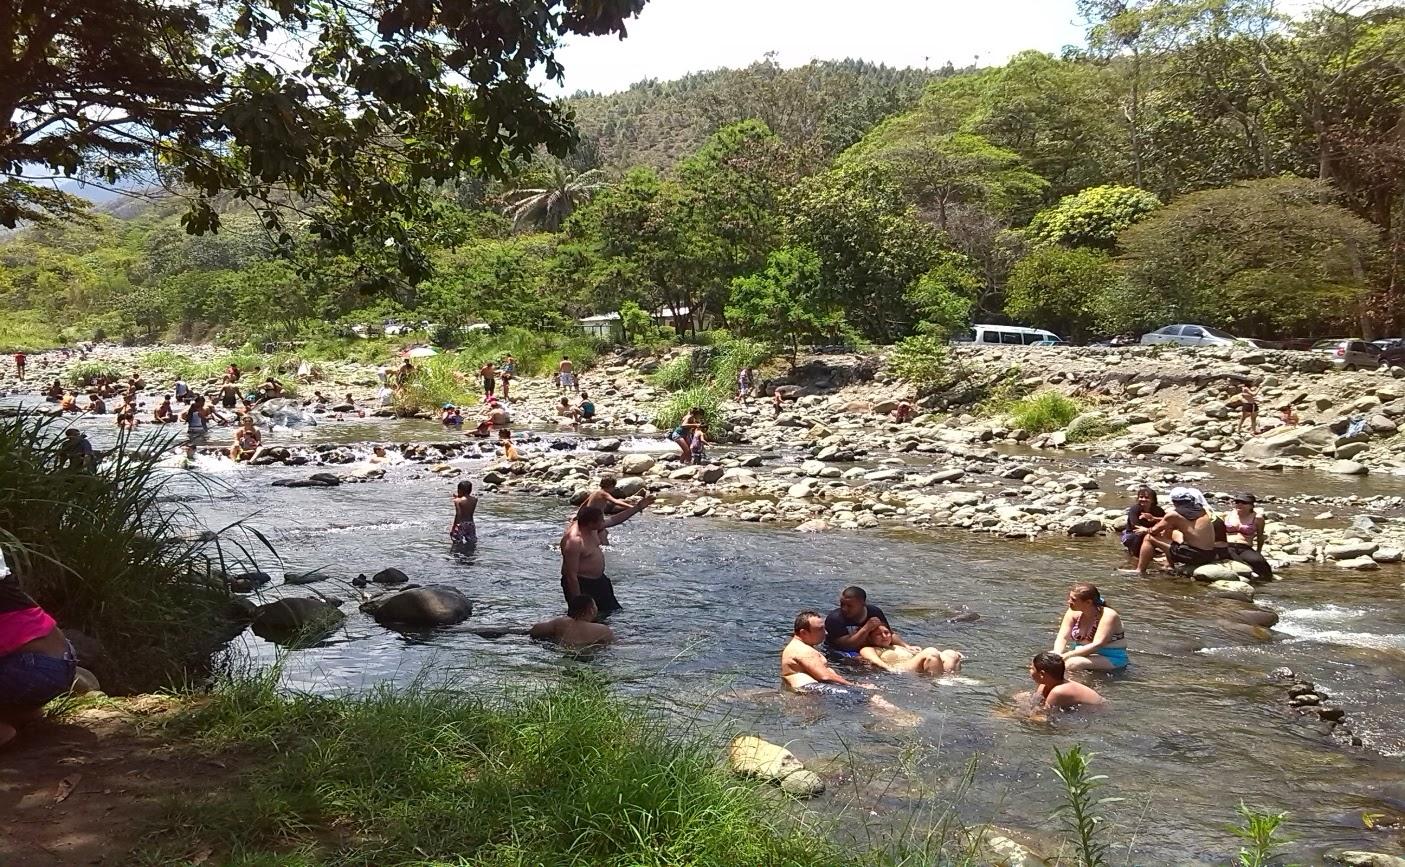 En el Río Pance habrá jornada de limpieza este domingo